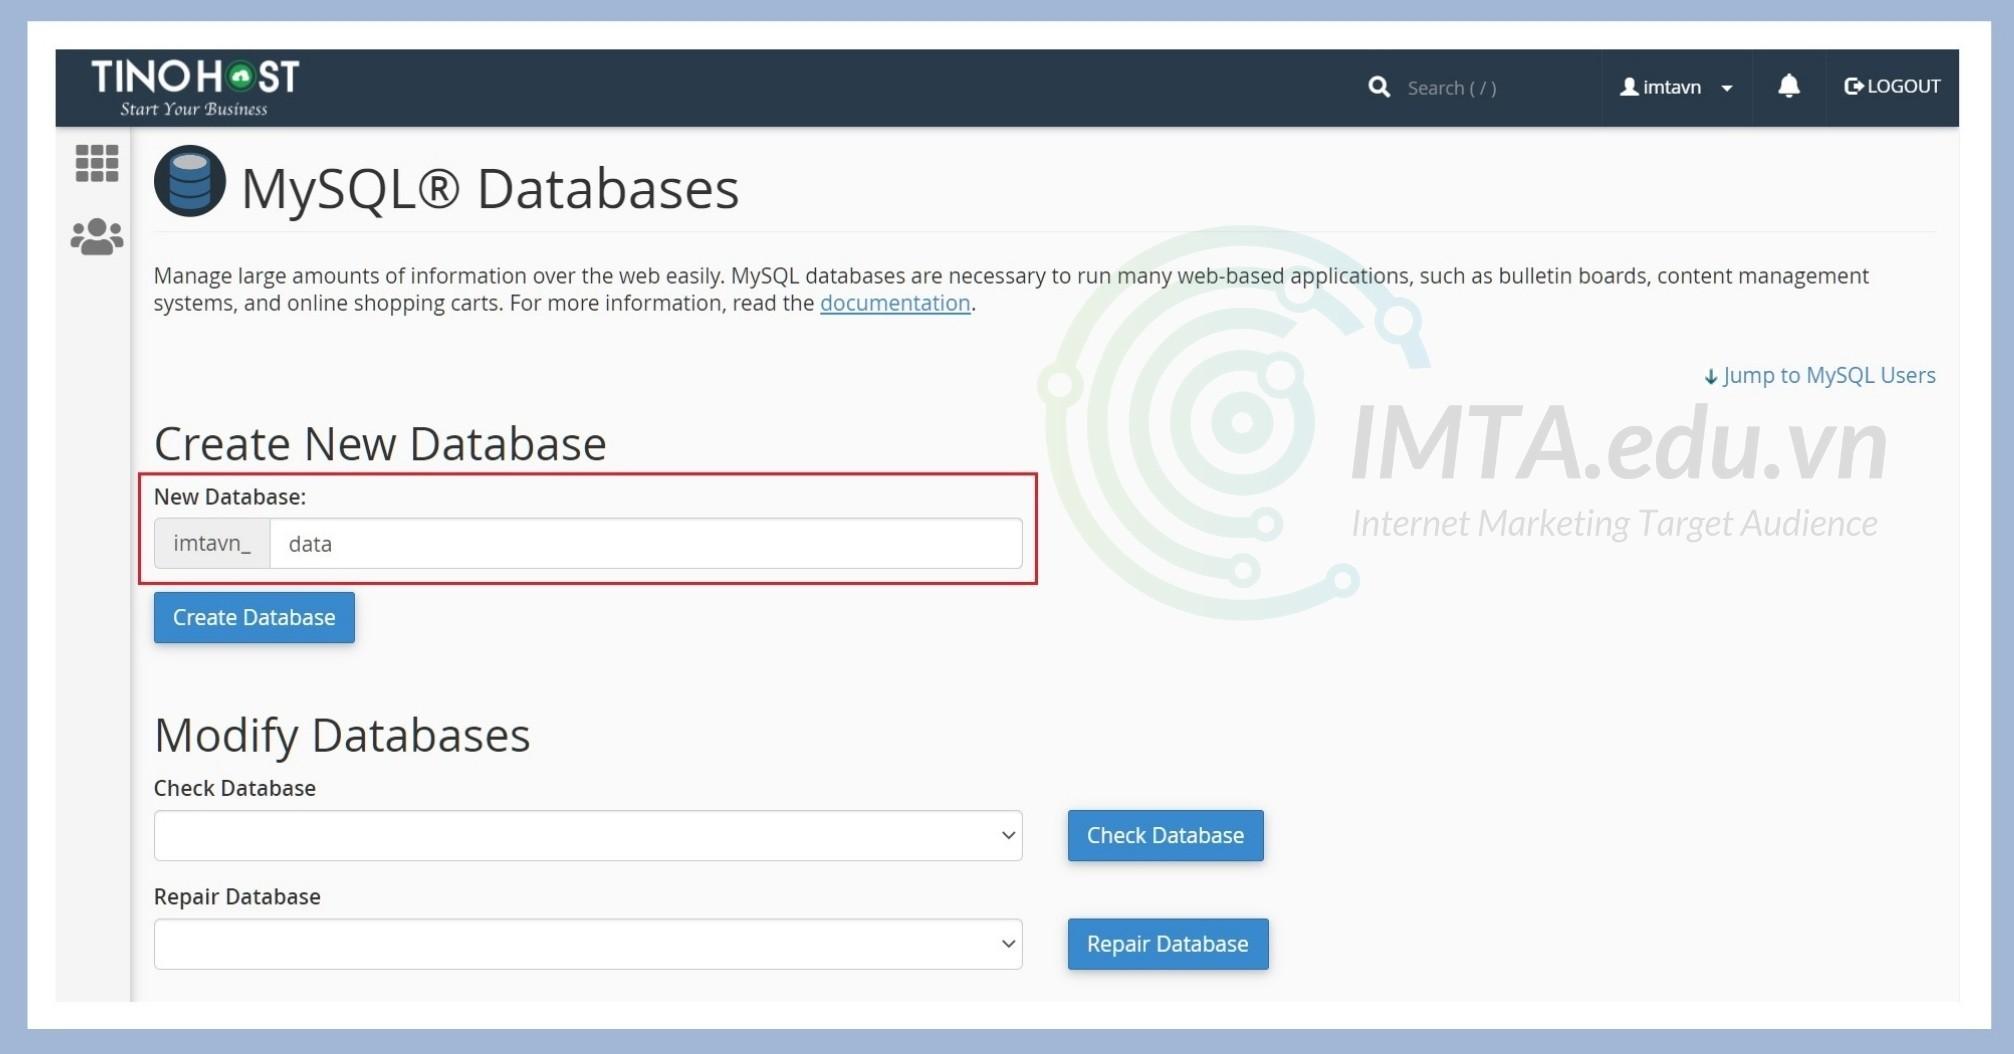 Đặt tên cho database